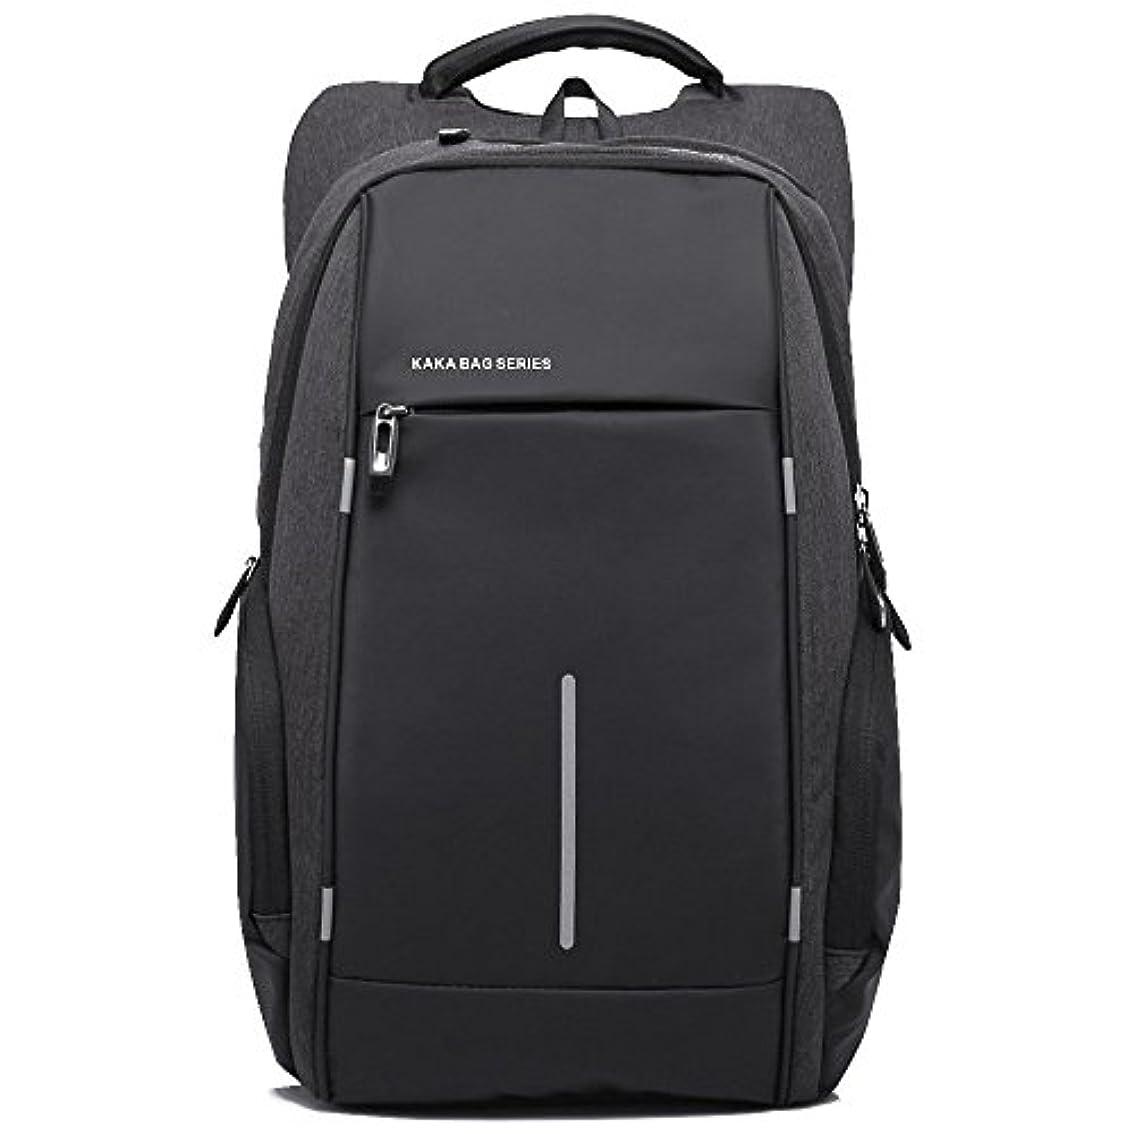 エステート石ペグKAKA リュックサック ビジネスバッグ バッグバッグ 超軽量 多機能 通勤 通学 アウトドアバッグ 2215 ブラック